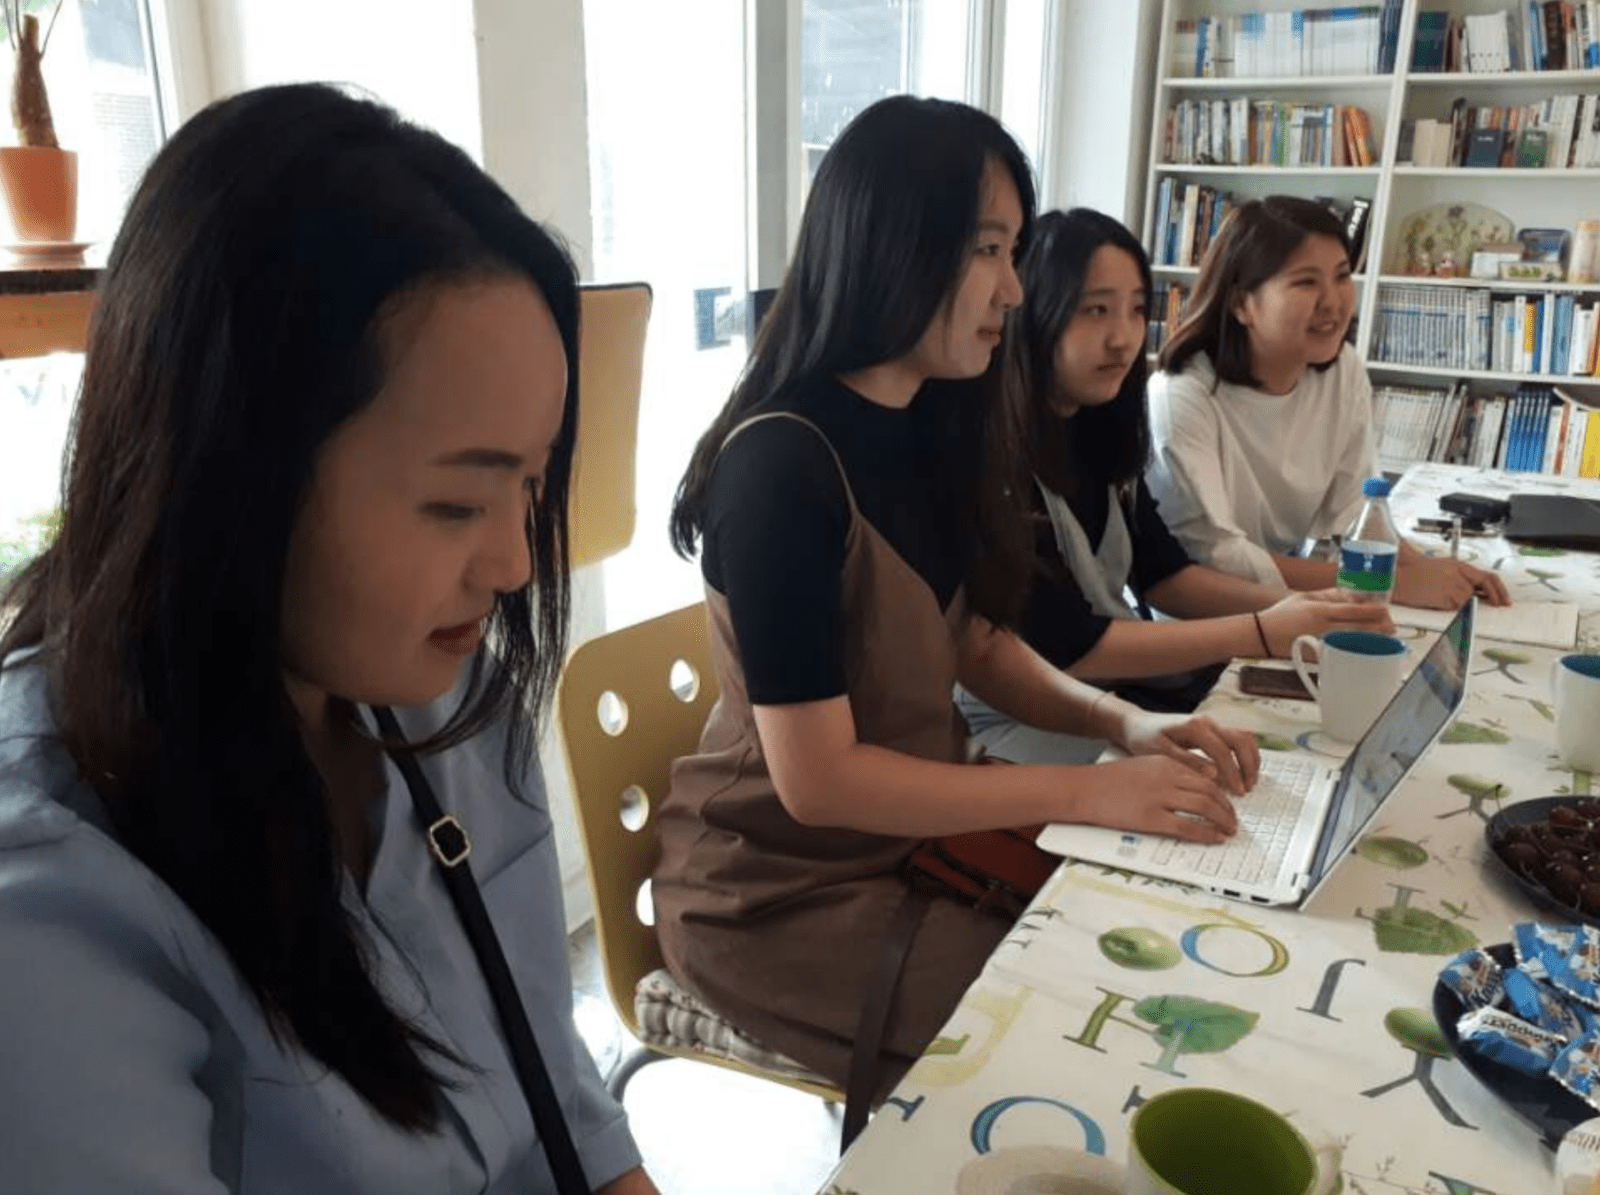 뉴스 - 덕성여대 글로벌 챌린저 팀 방문